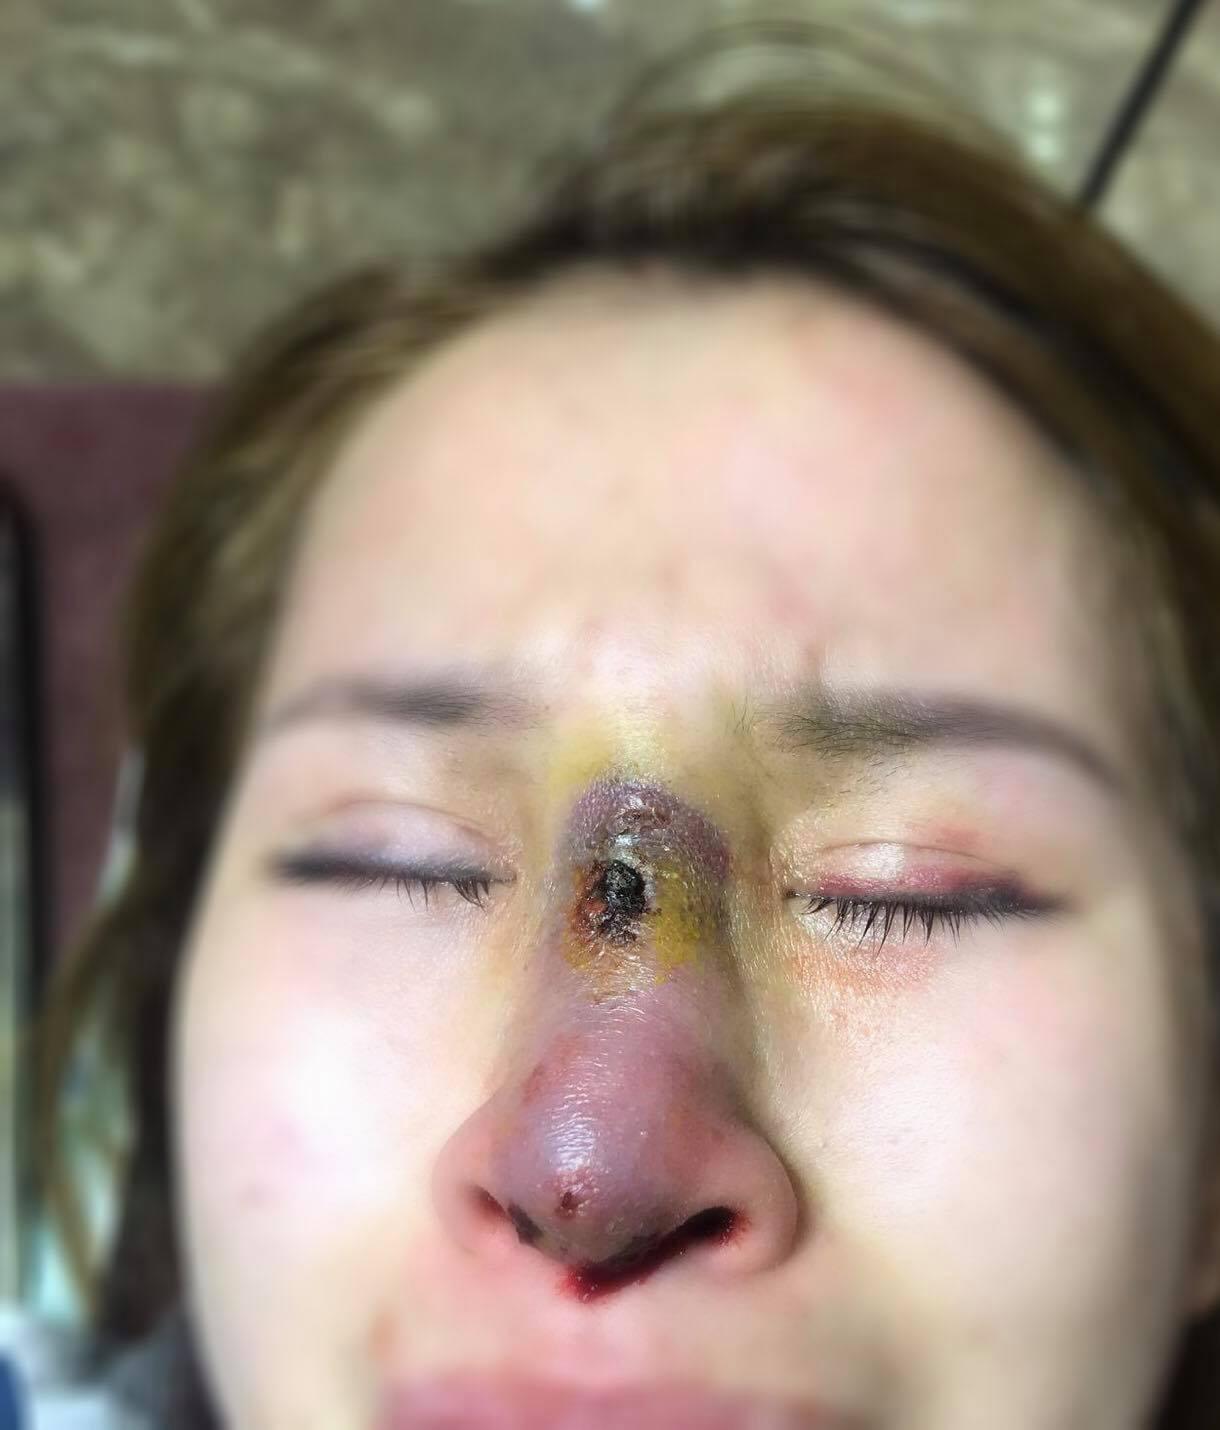 Mũi chị H. sau khi làm về bị viêm